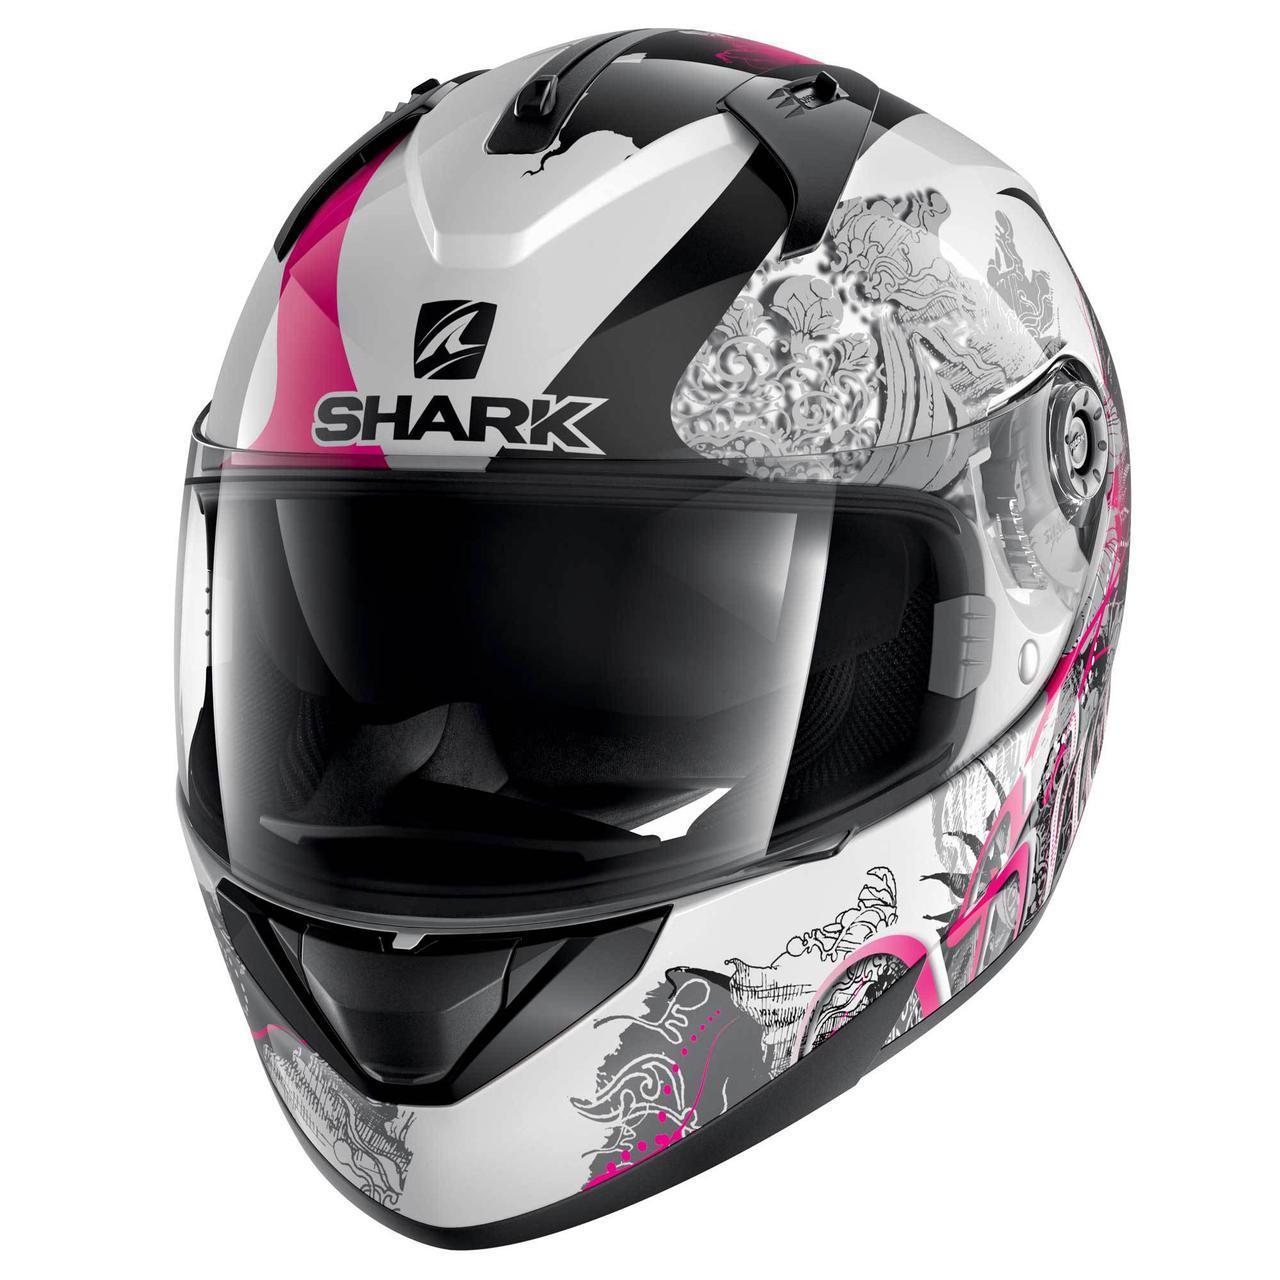 Шлем Shark Ridill Spring р.M, черно-бело-розовый